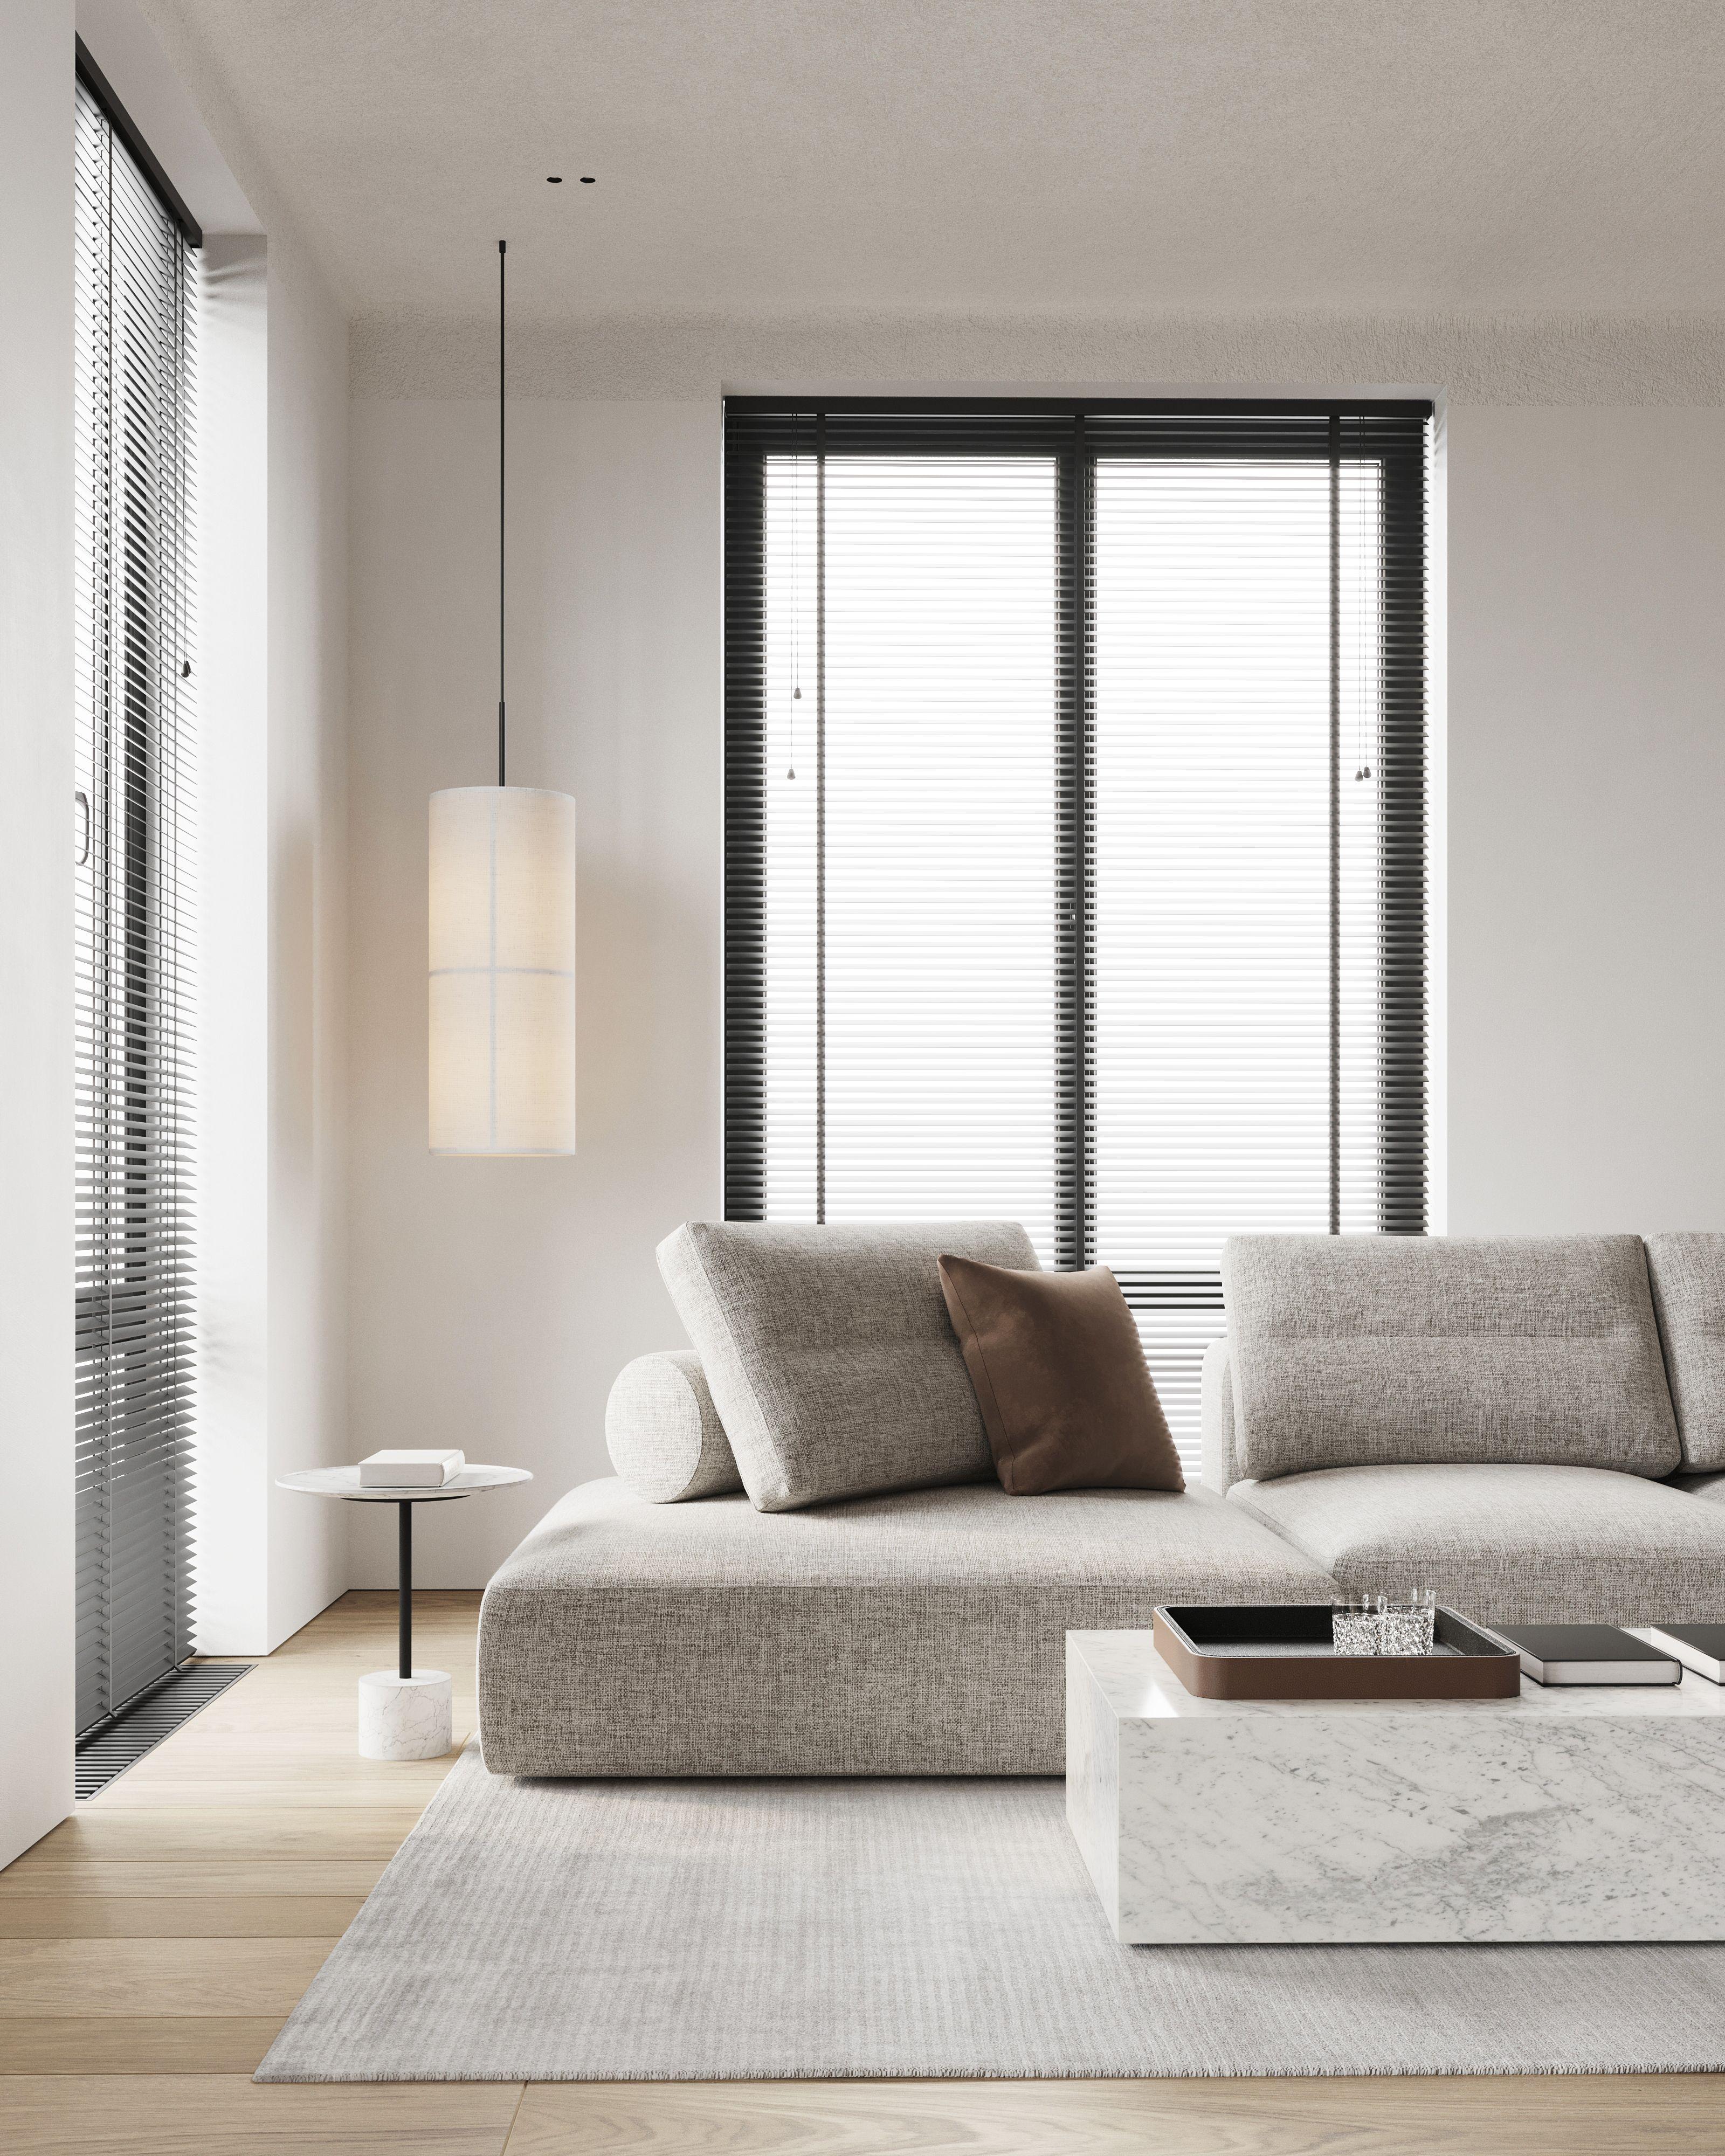 Living Room Minimalist Living Room Minimalist Home Interior Contemporary Living Room